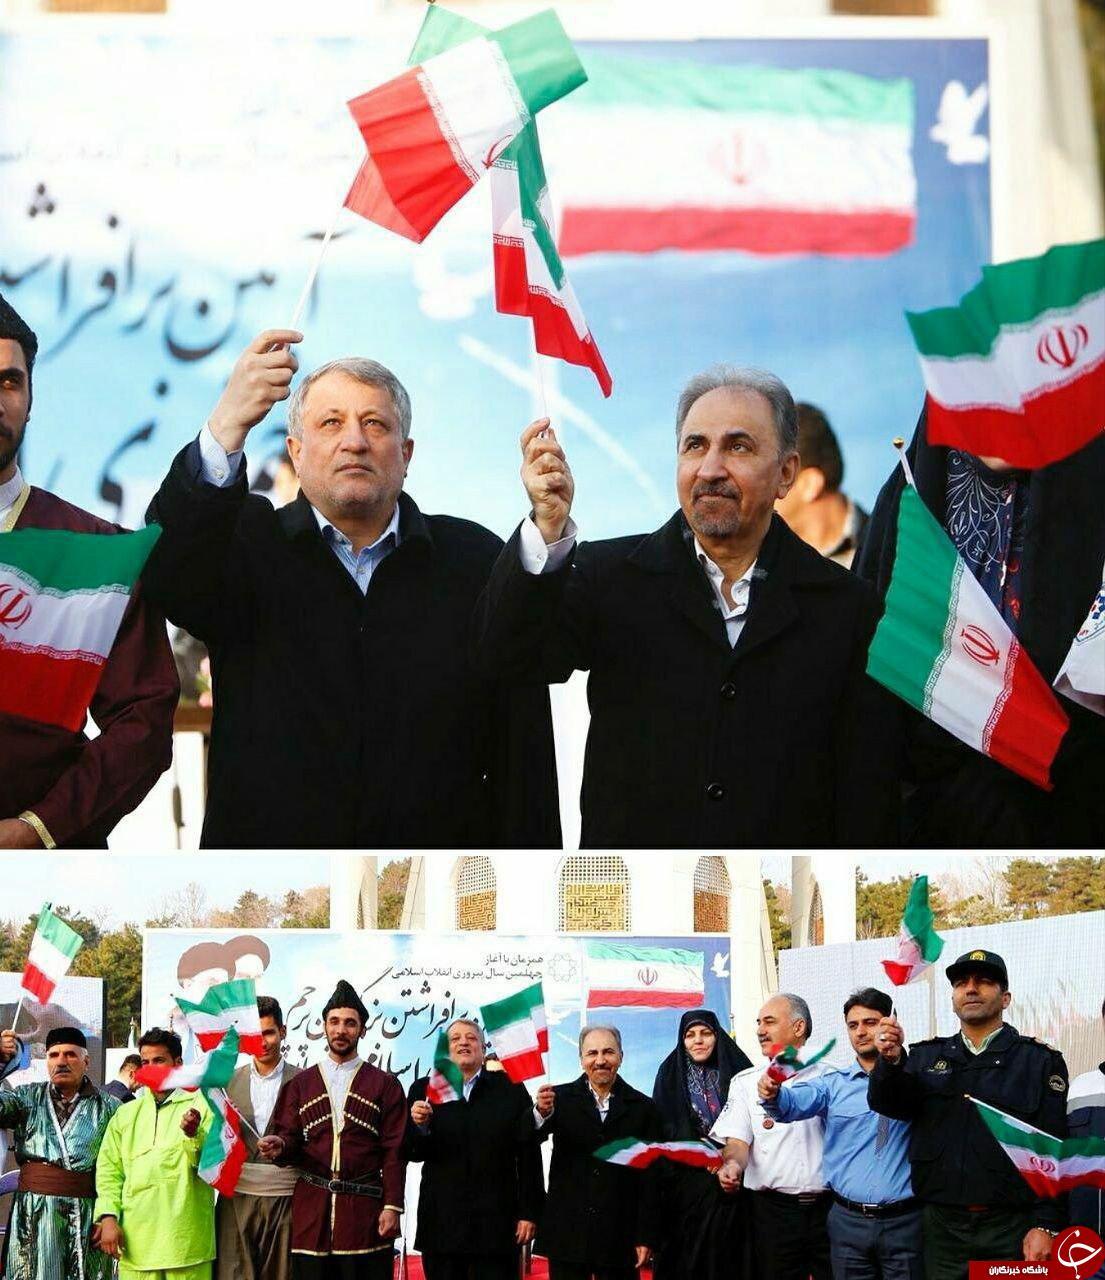 حضور مقامات کشوری و لشکری در راهپیمایی باشکوه 22 بهمن +تصاویر